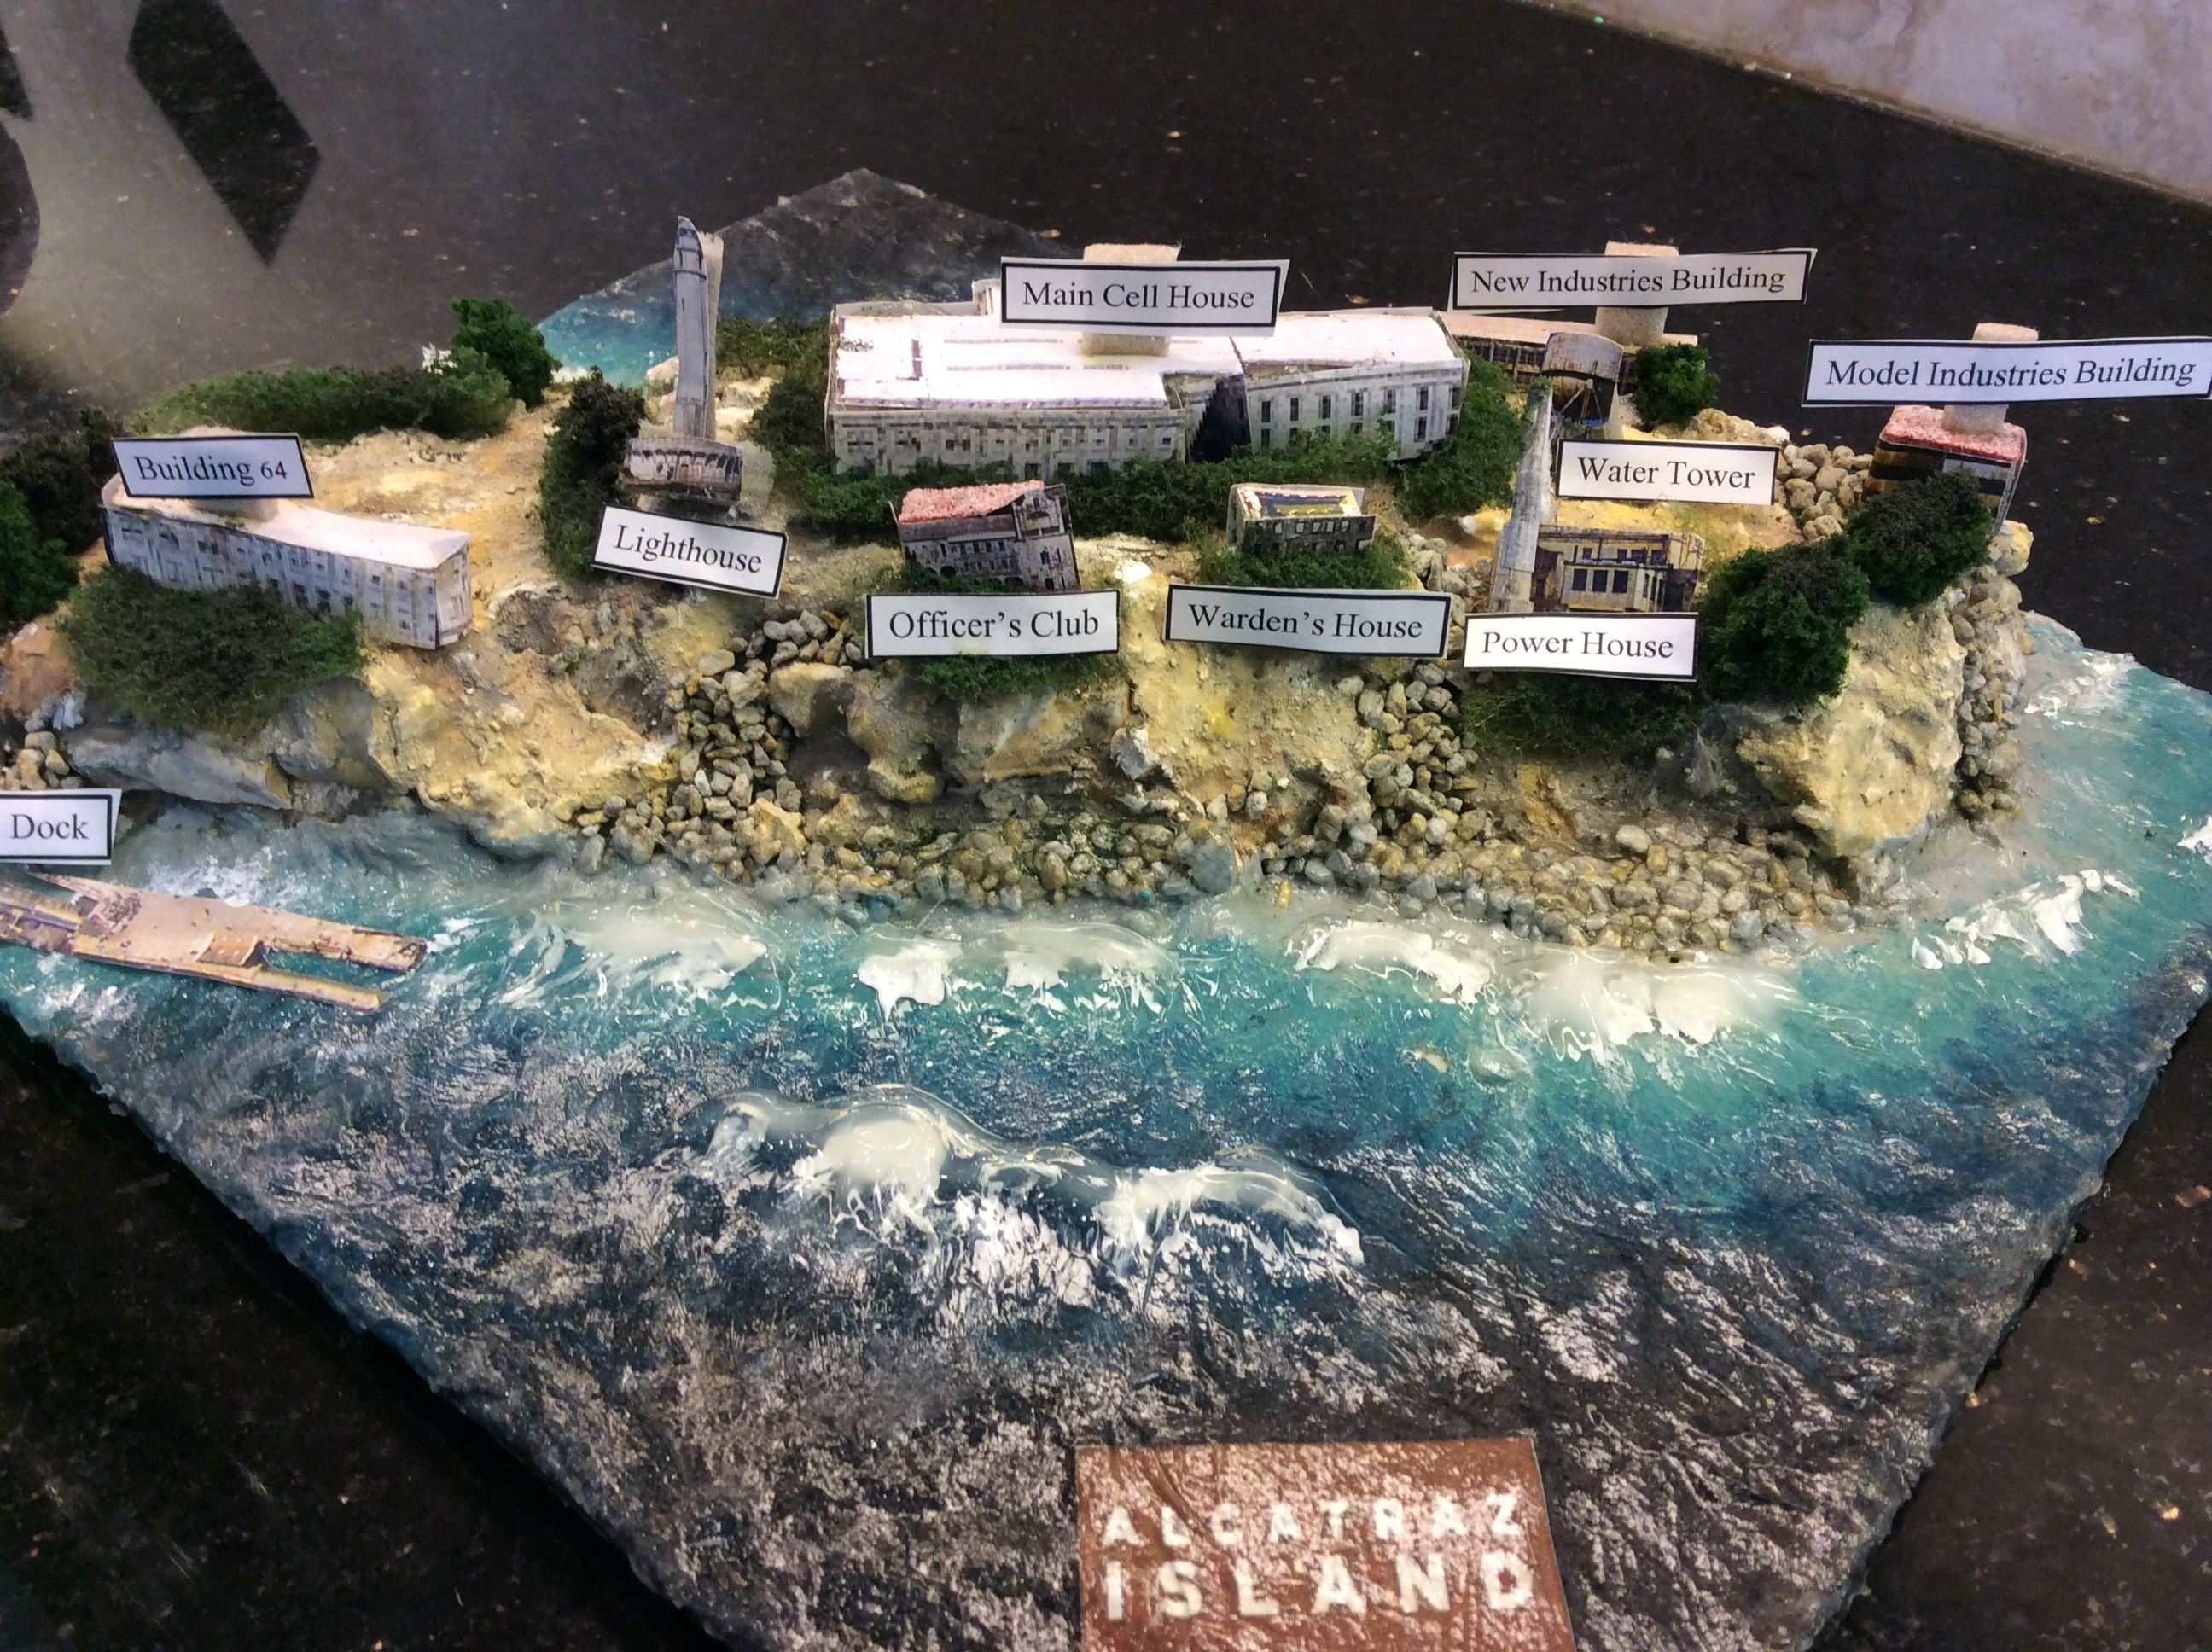 Alcatraz Model Alcatraz Alcatraz Island Model Industry